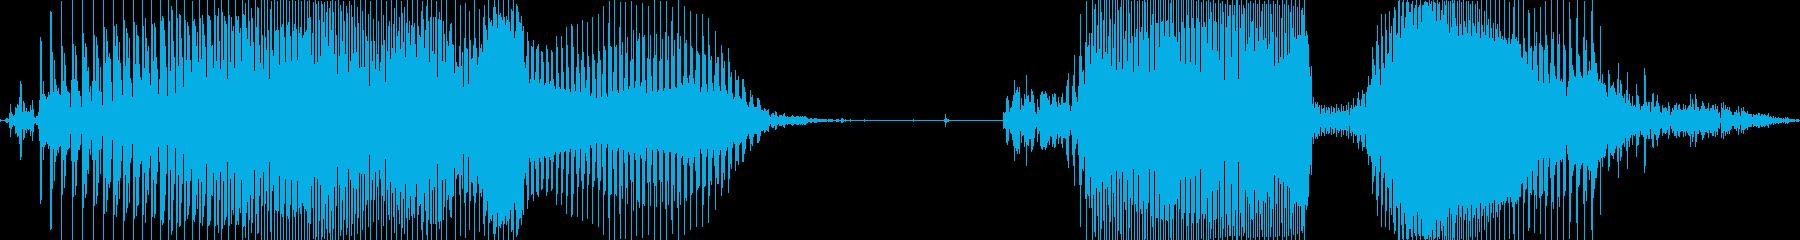 あいこで!の再生済みの波形